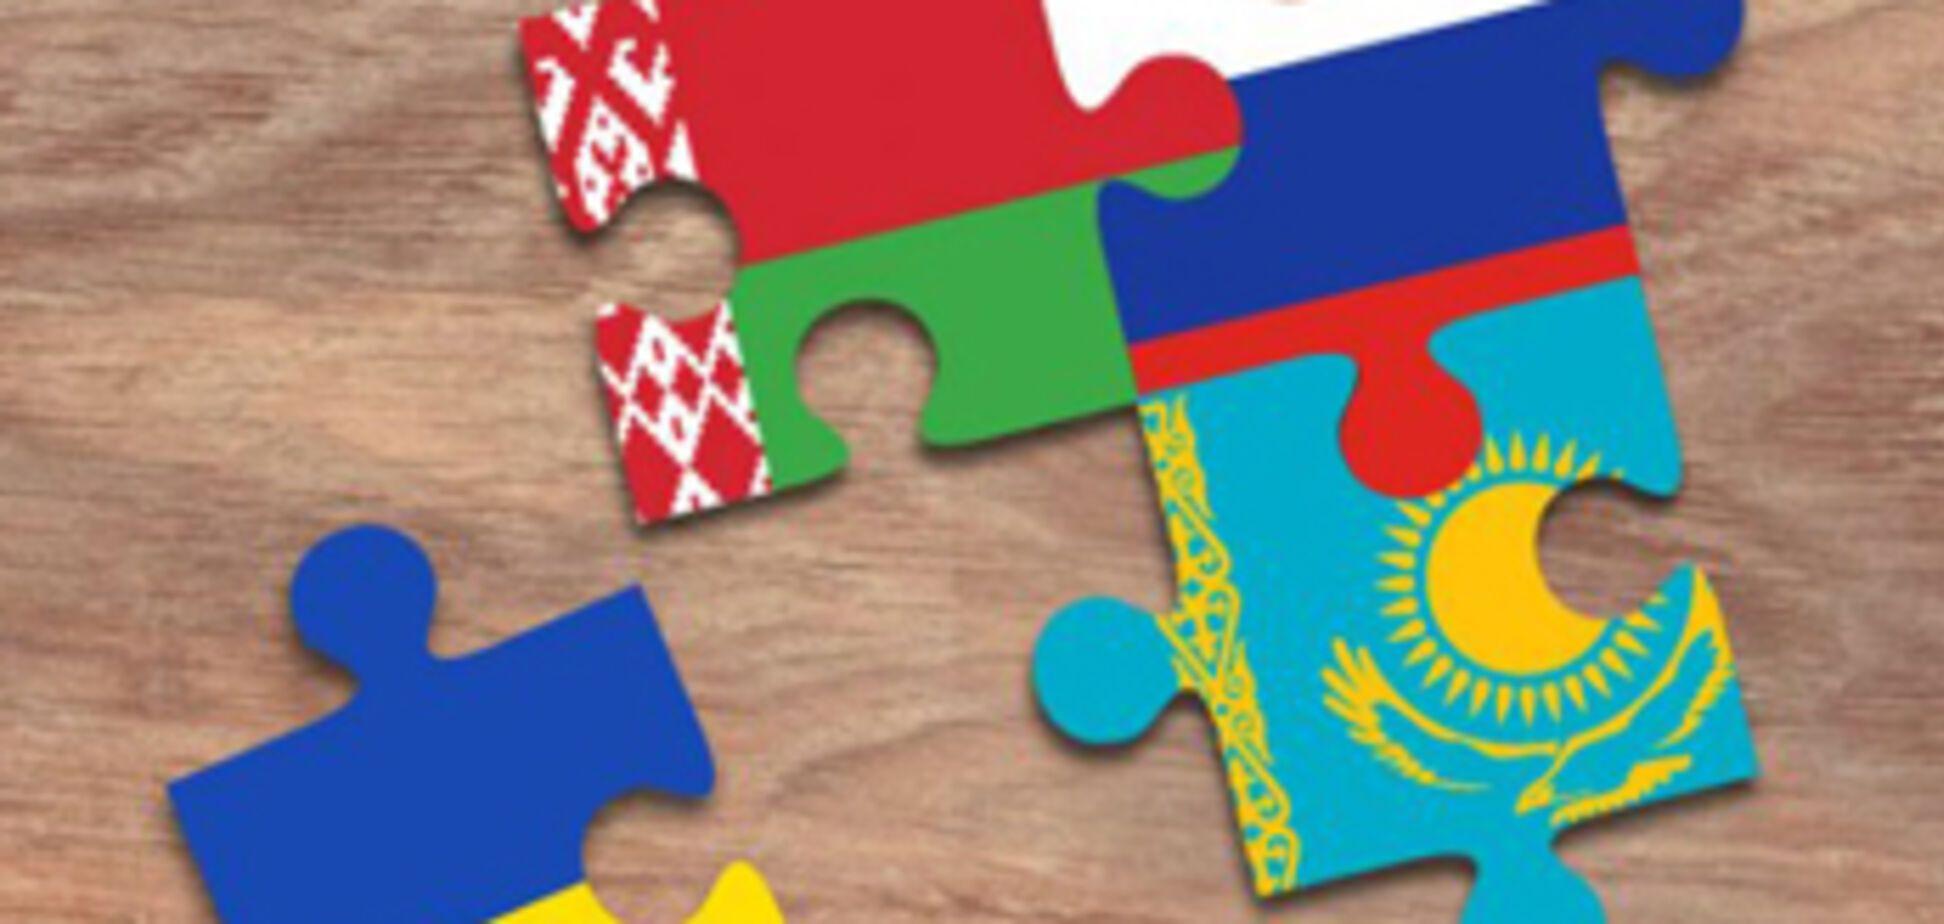 Україна виходить з СНД: анонсований наступний крок